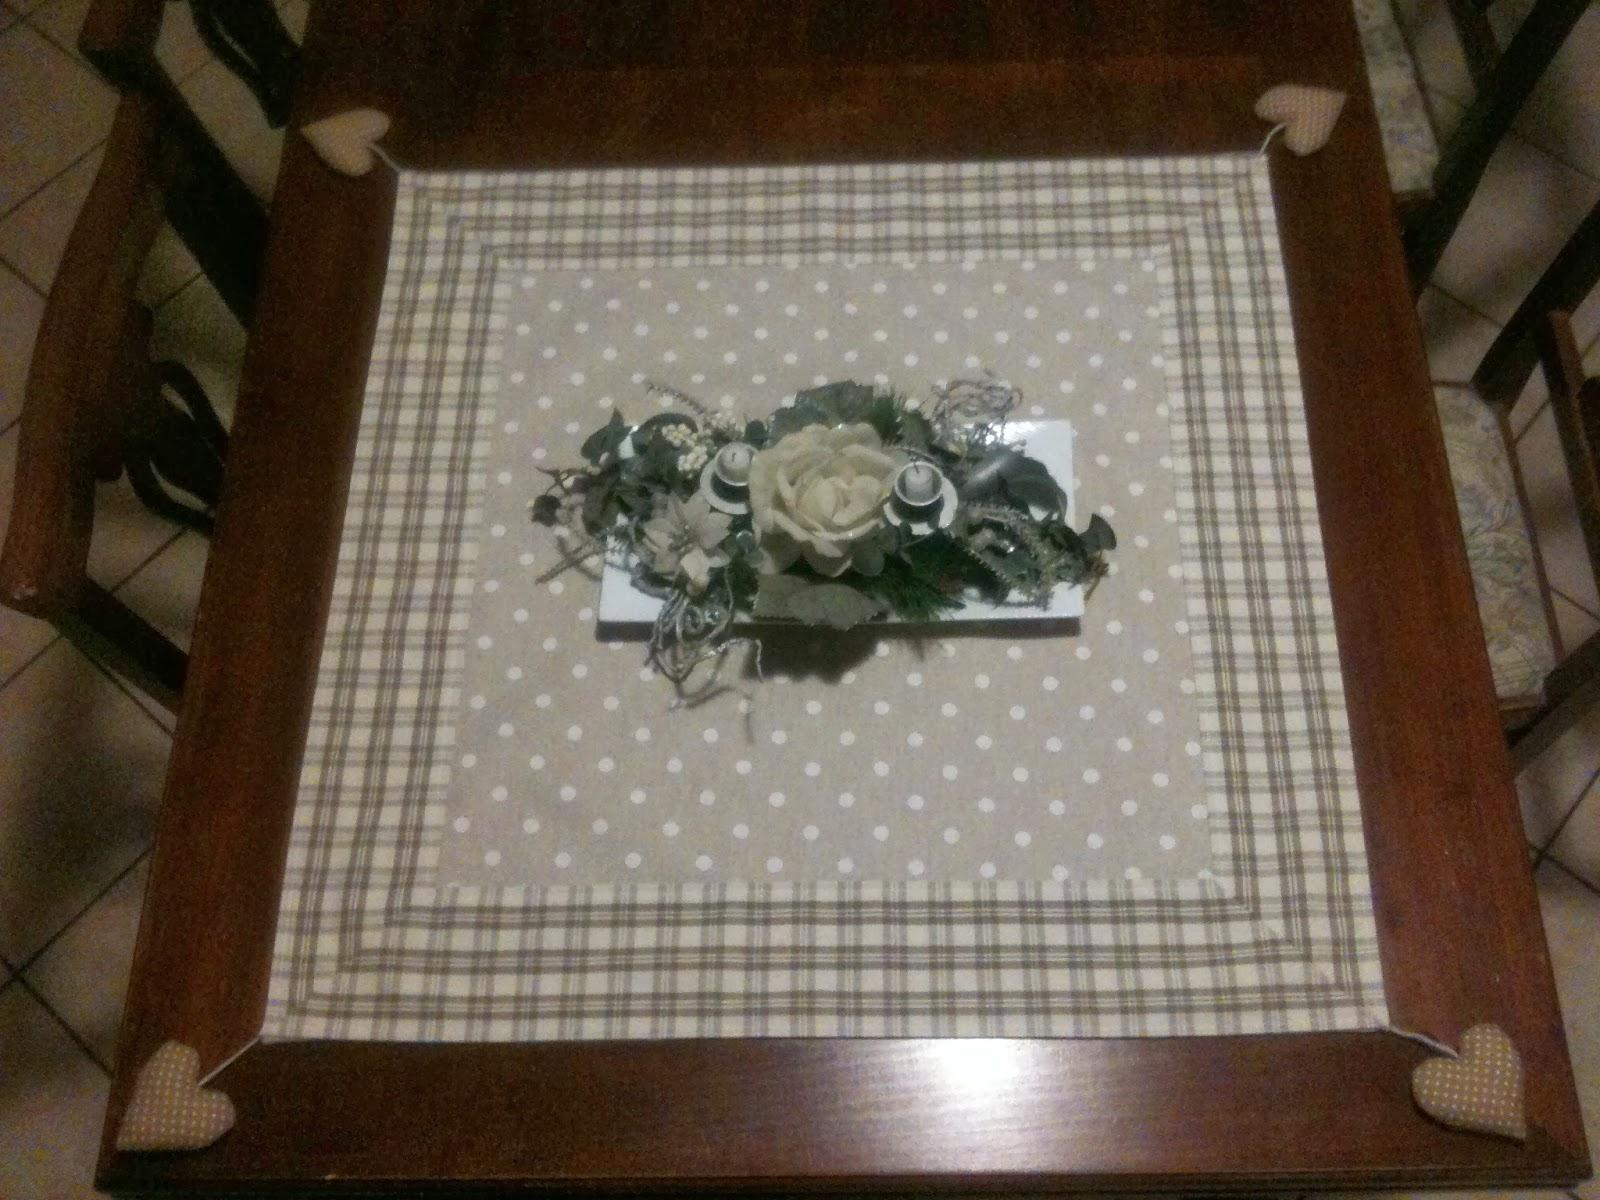 Pure heart di francesca pugliese tovaglie e copri tavolo - Tovaglie da cucina ...